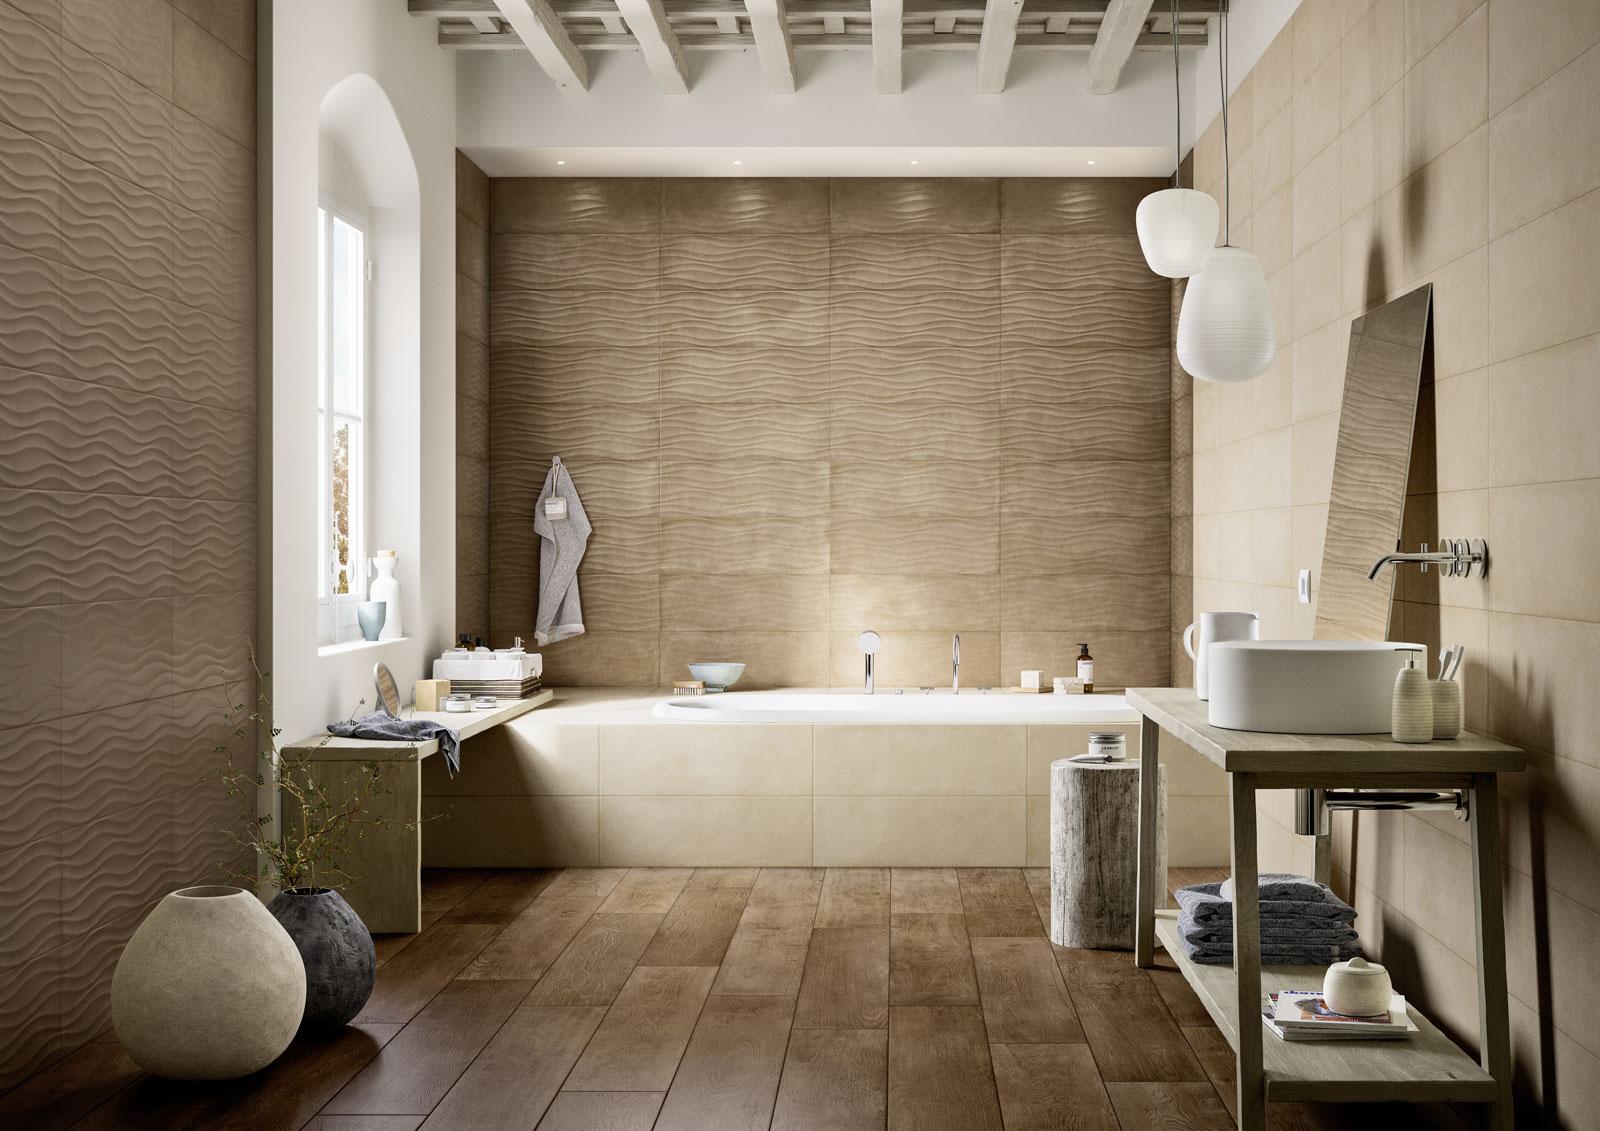 Clayline rivestimento per bagno marazzi - Marazzi piastrelle bagno ...